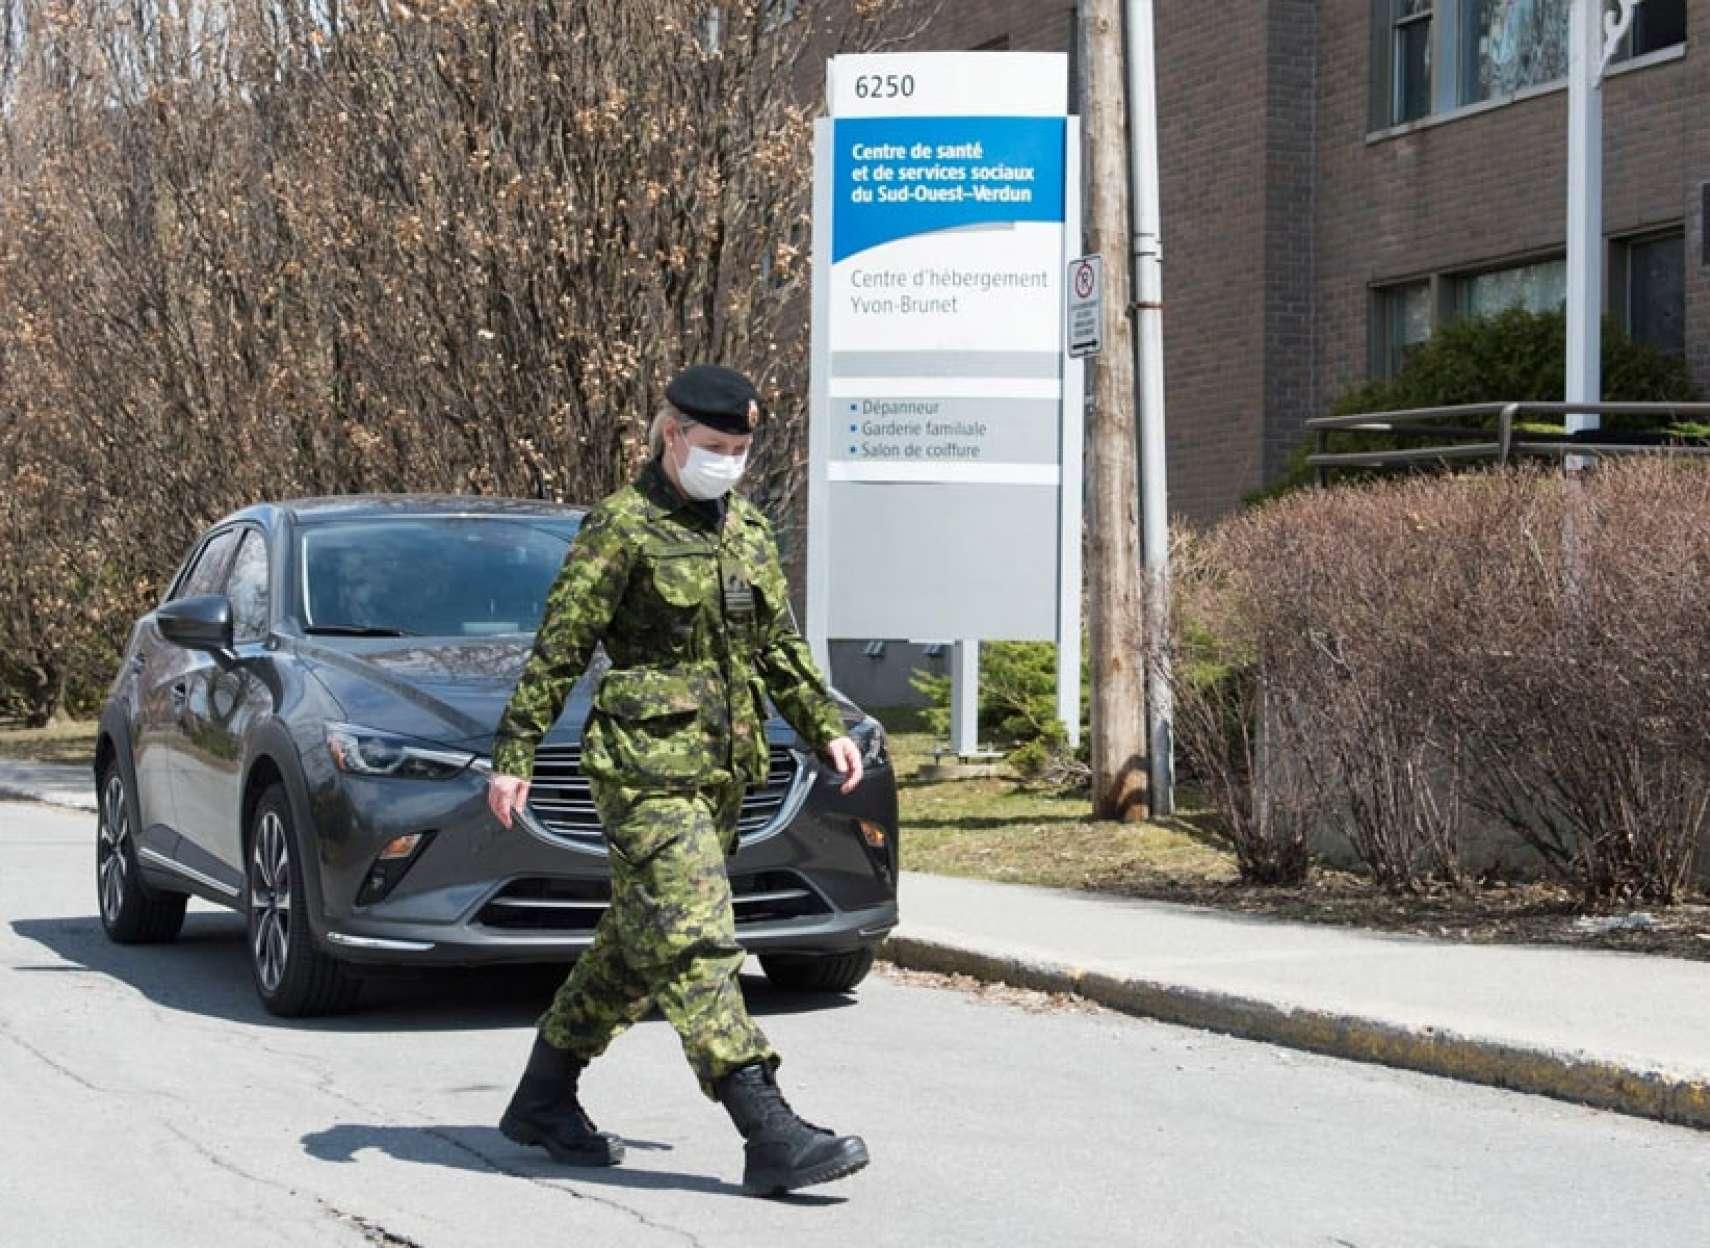 اخبار-کانادا-ترودو-به-دانشجویان-پول-می-دهم-انتاریو-از-ارتش-کمک-خواست